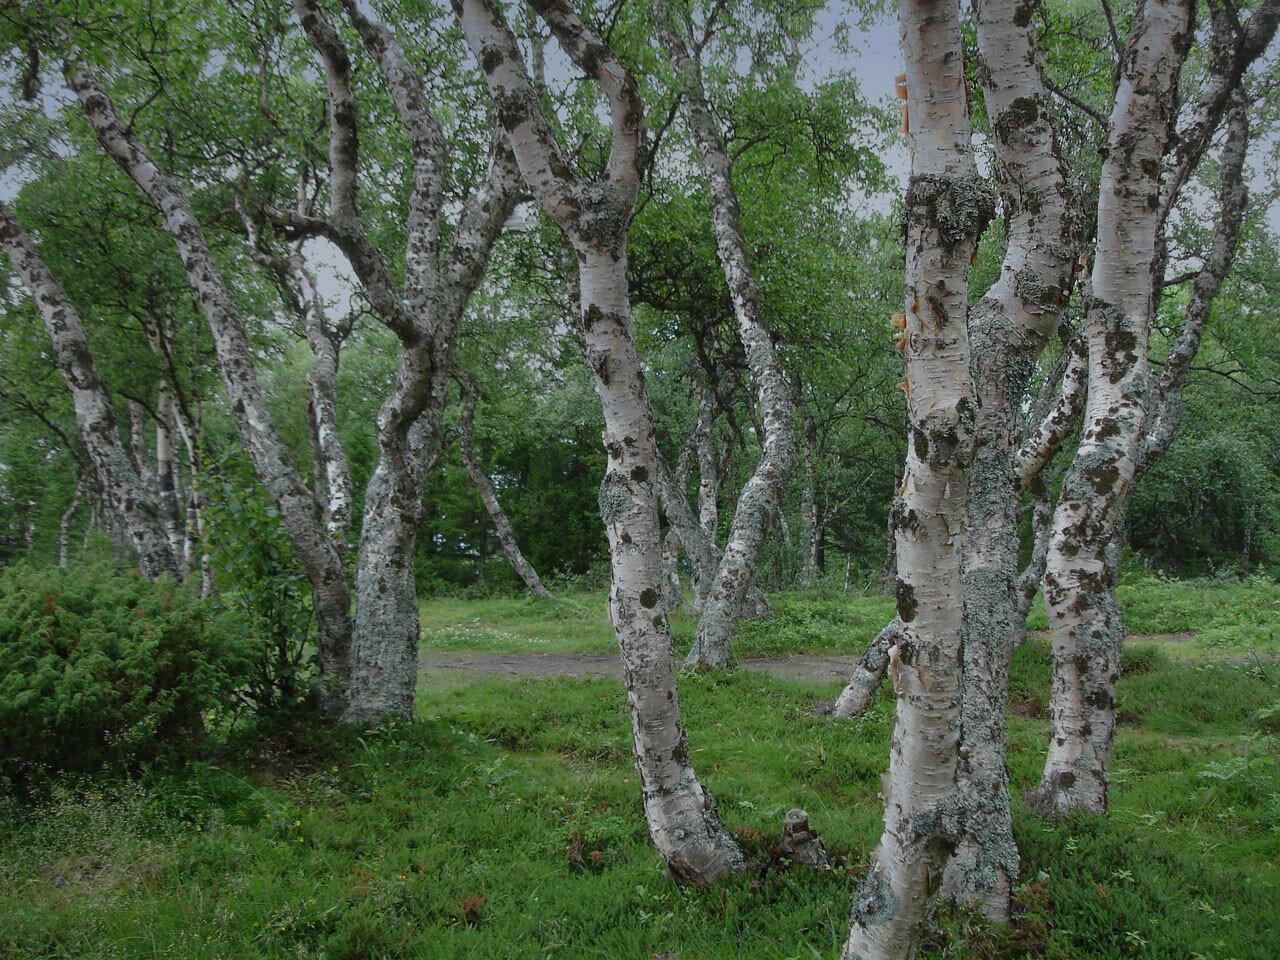 Берёза карельская (Betula pendula var. carelica). Автор фото: Юрий Семенов